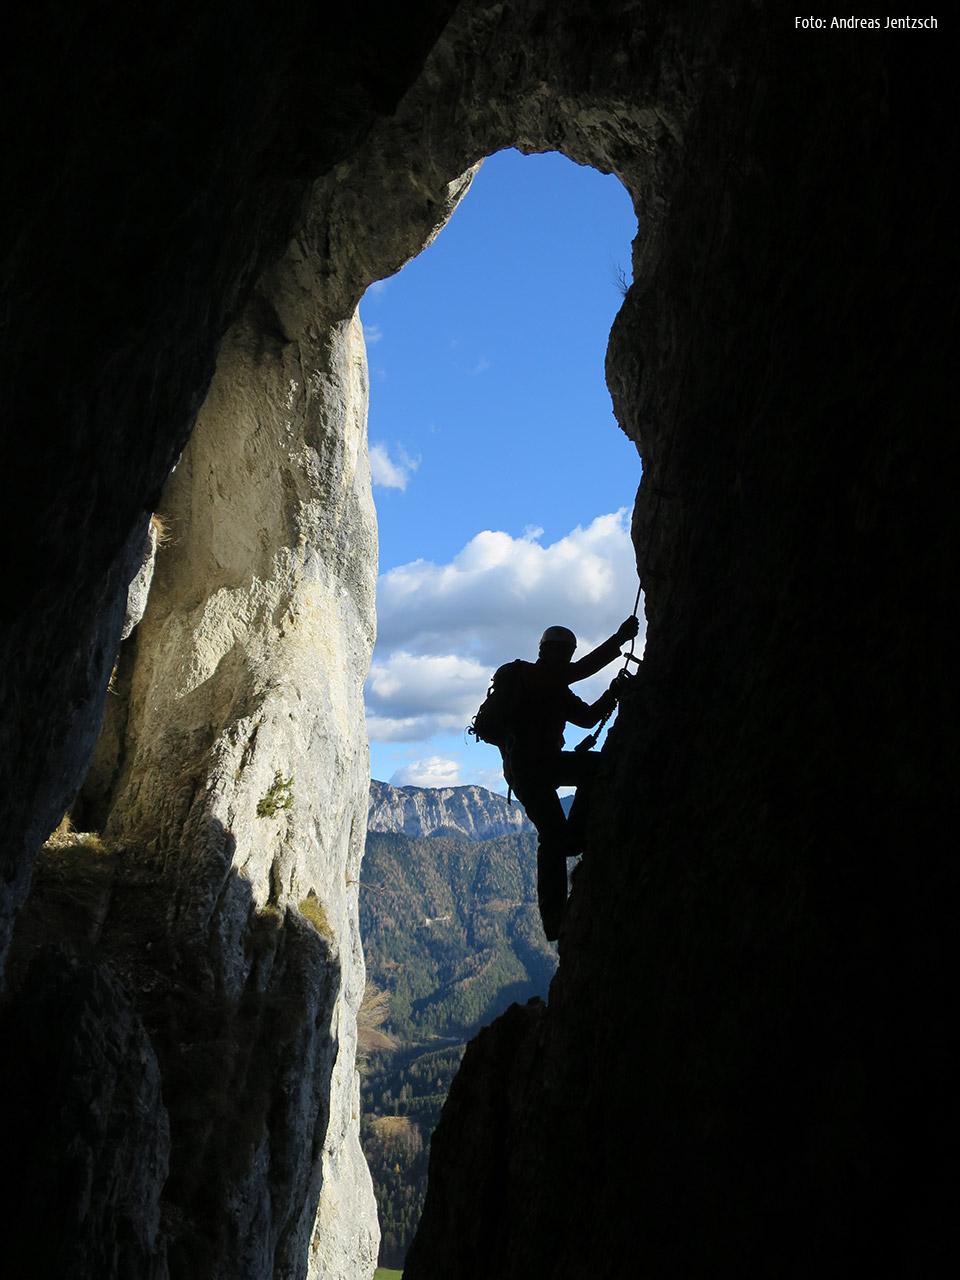 Klettersteig-Spielmaeuer-Mariazell_1